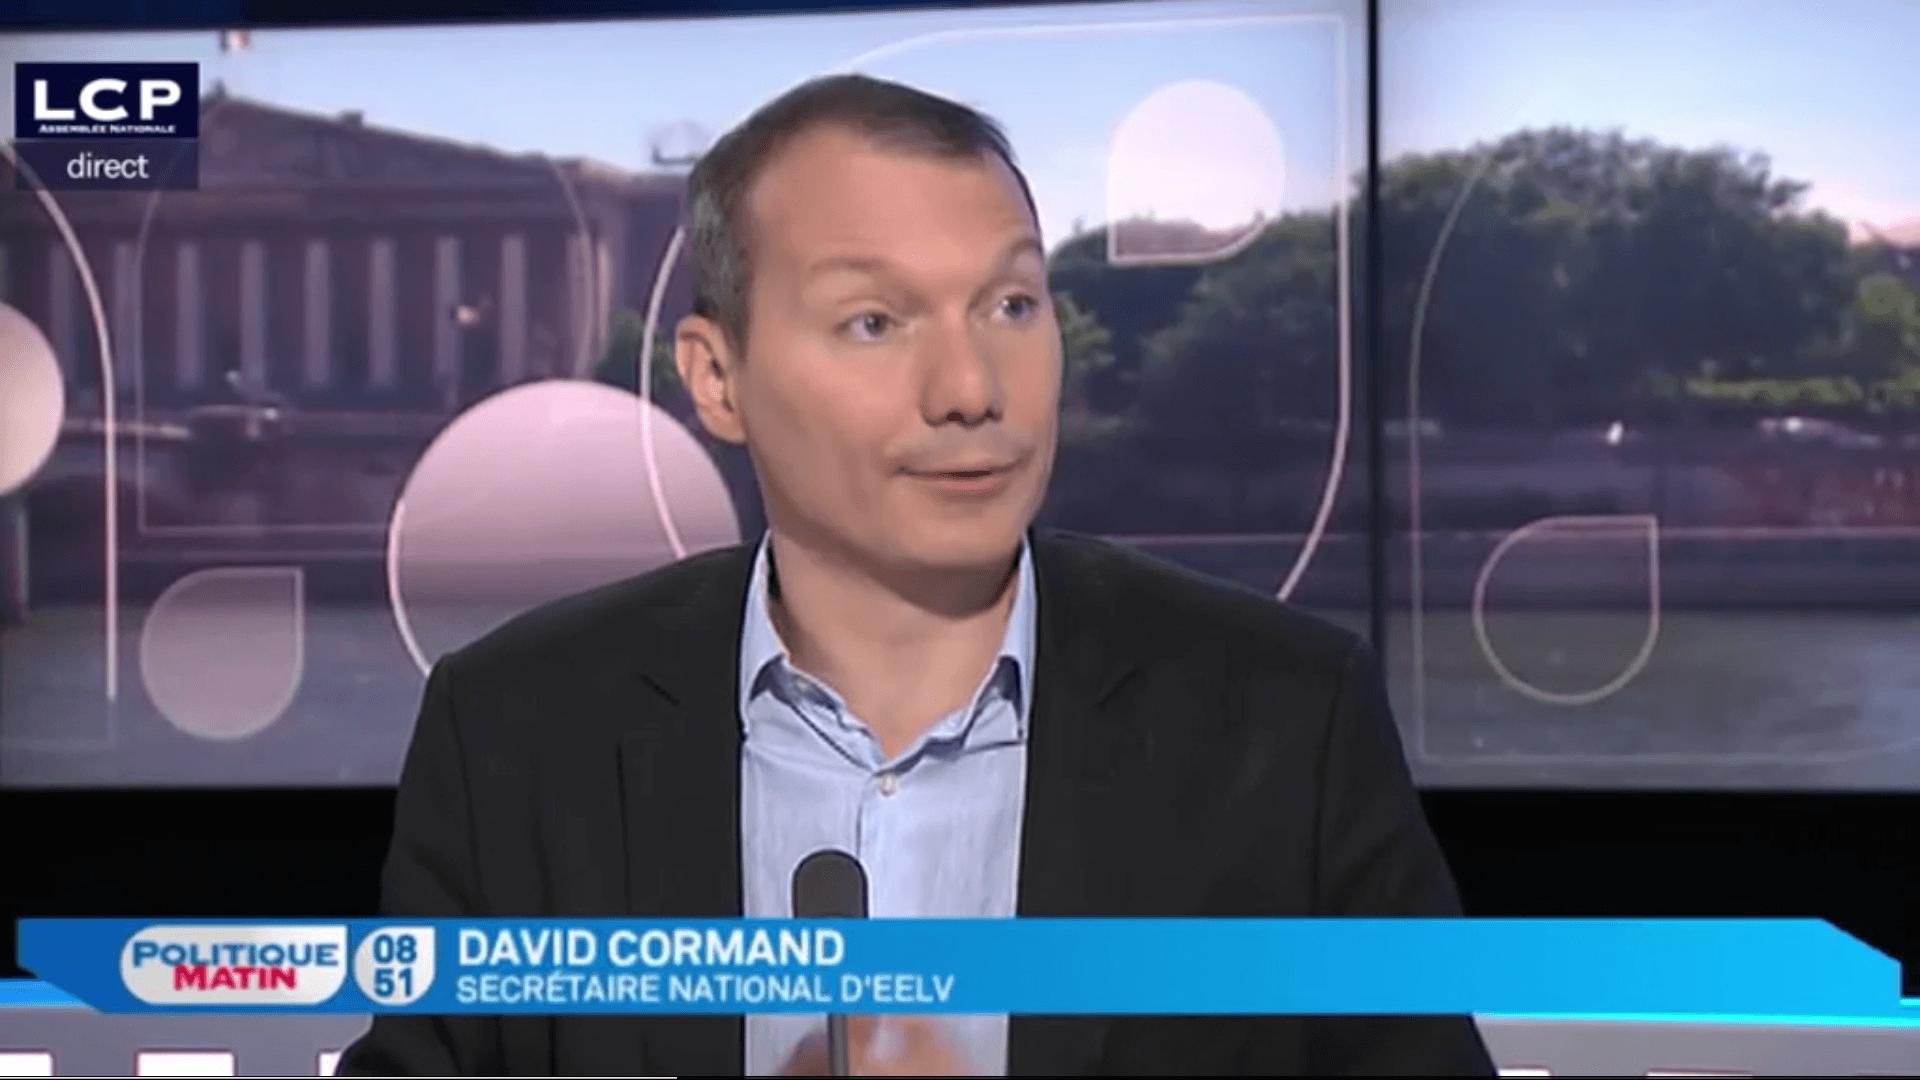 David Cormand, invité de LCP matin